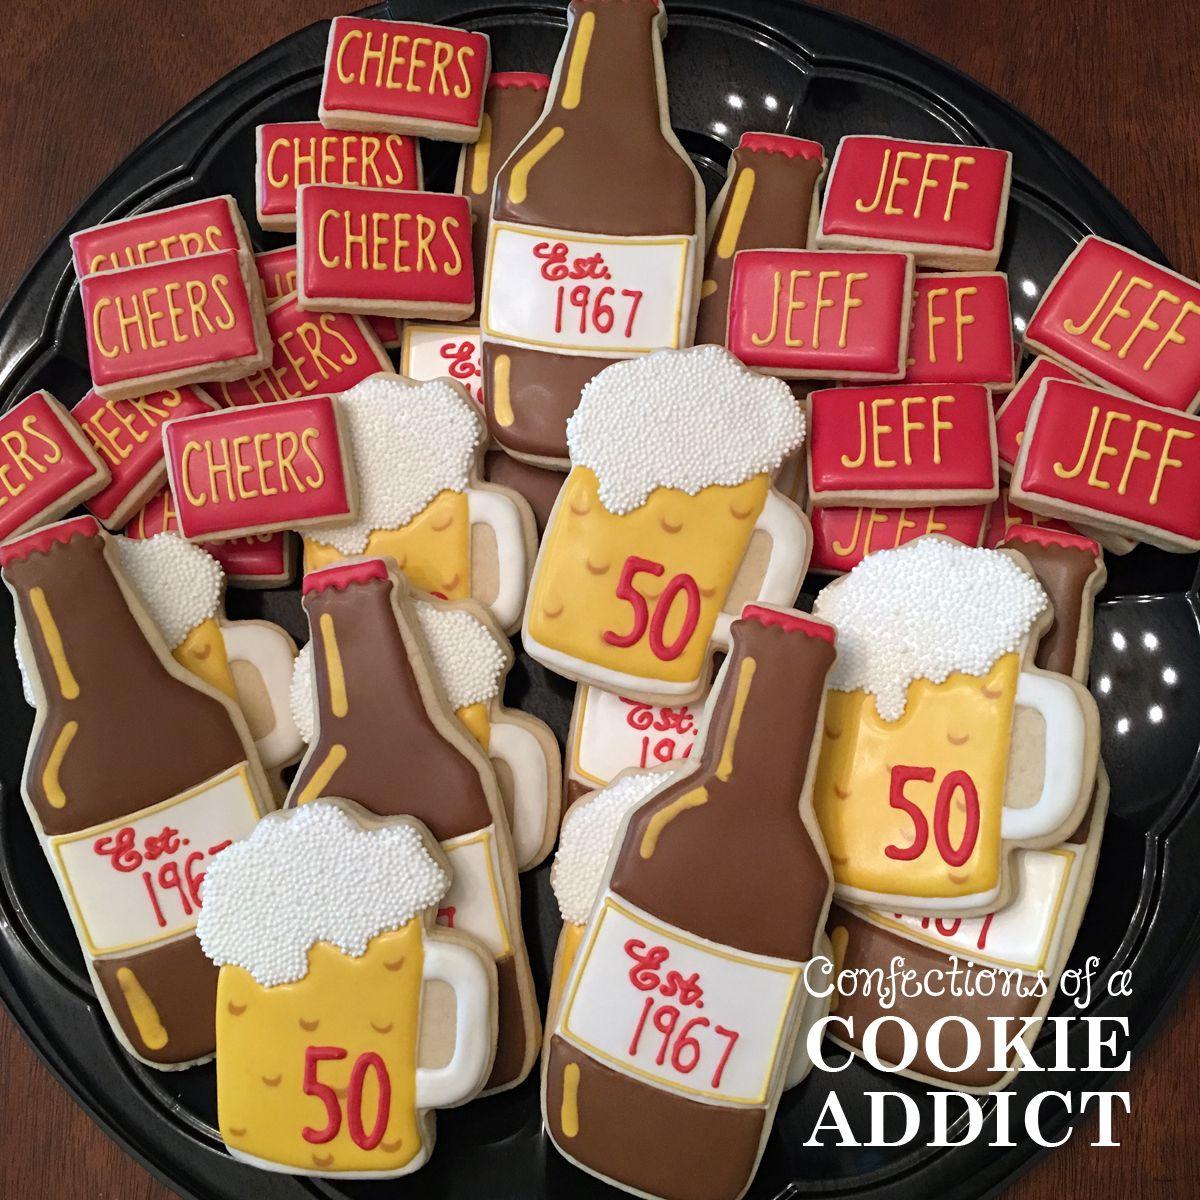 50th Birthday Cookies Beer Bottle Cookies Beer Mug Cookies Iced Cookies Custom Cookies Cookies